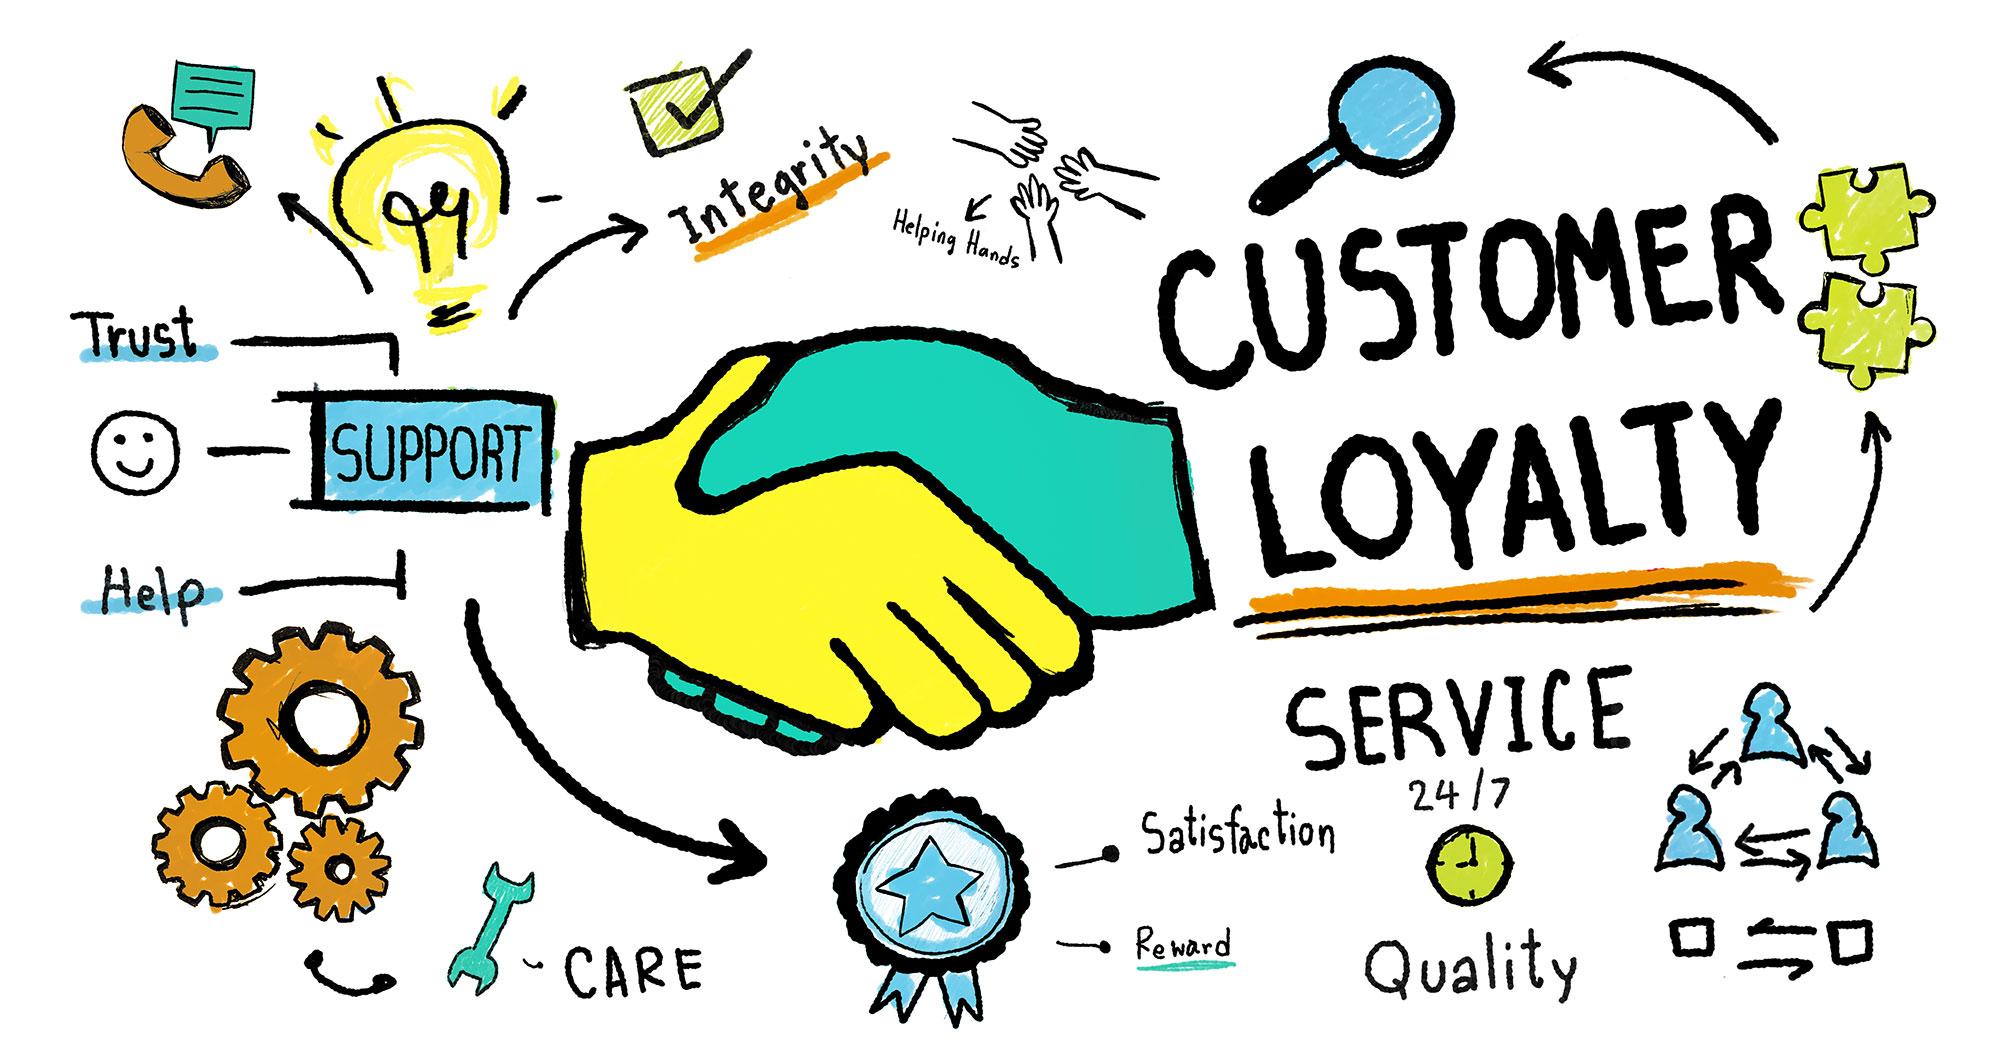 顧客ロイヤリティとは?重要性や向上させるためののヒントをご紹介!